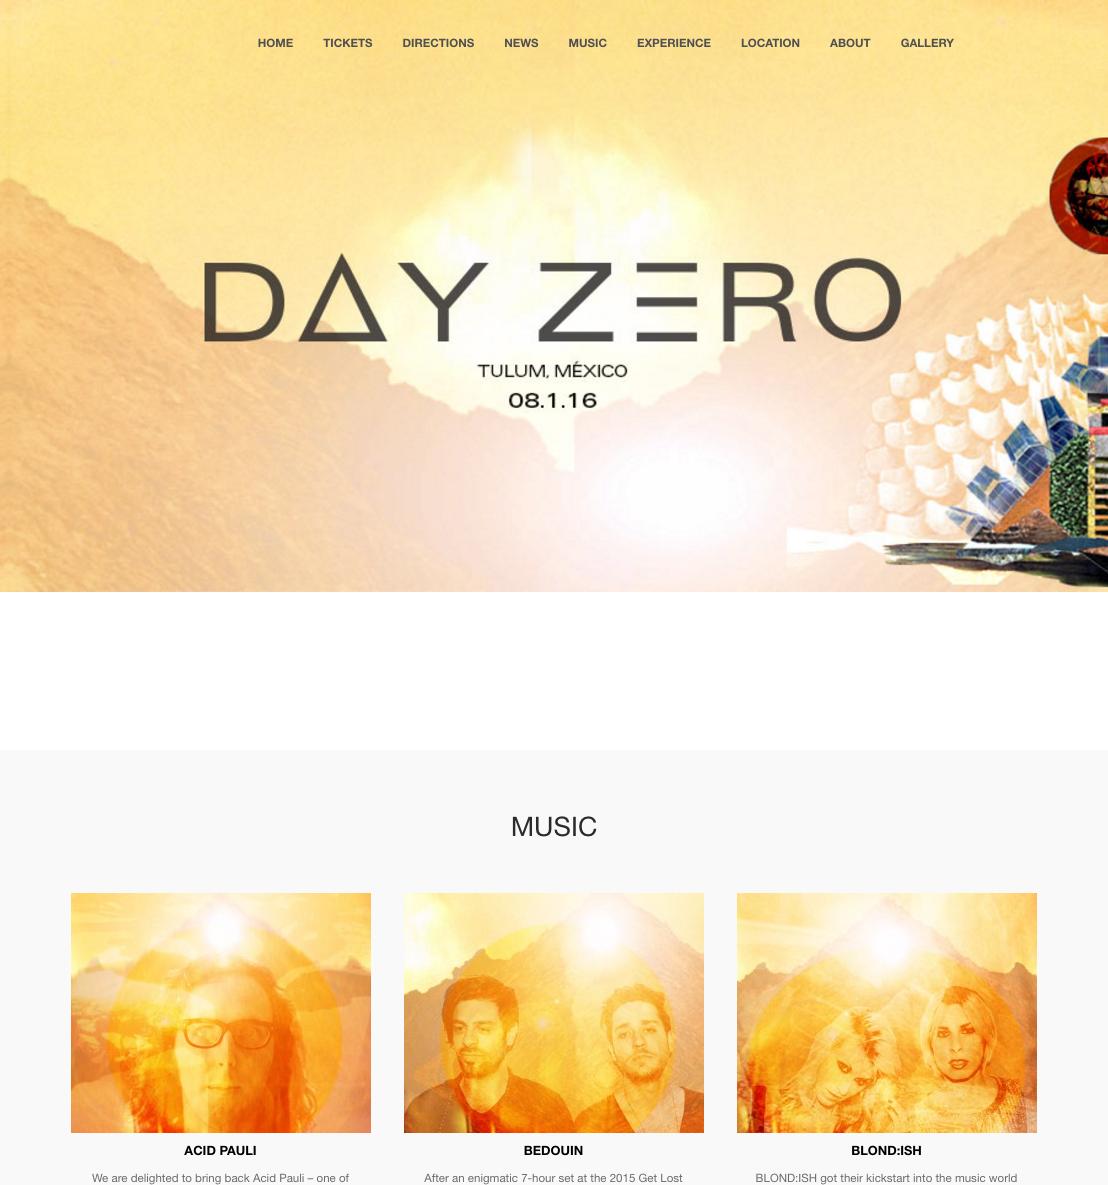 http://2016.dayzerofestival.com